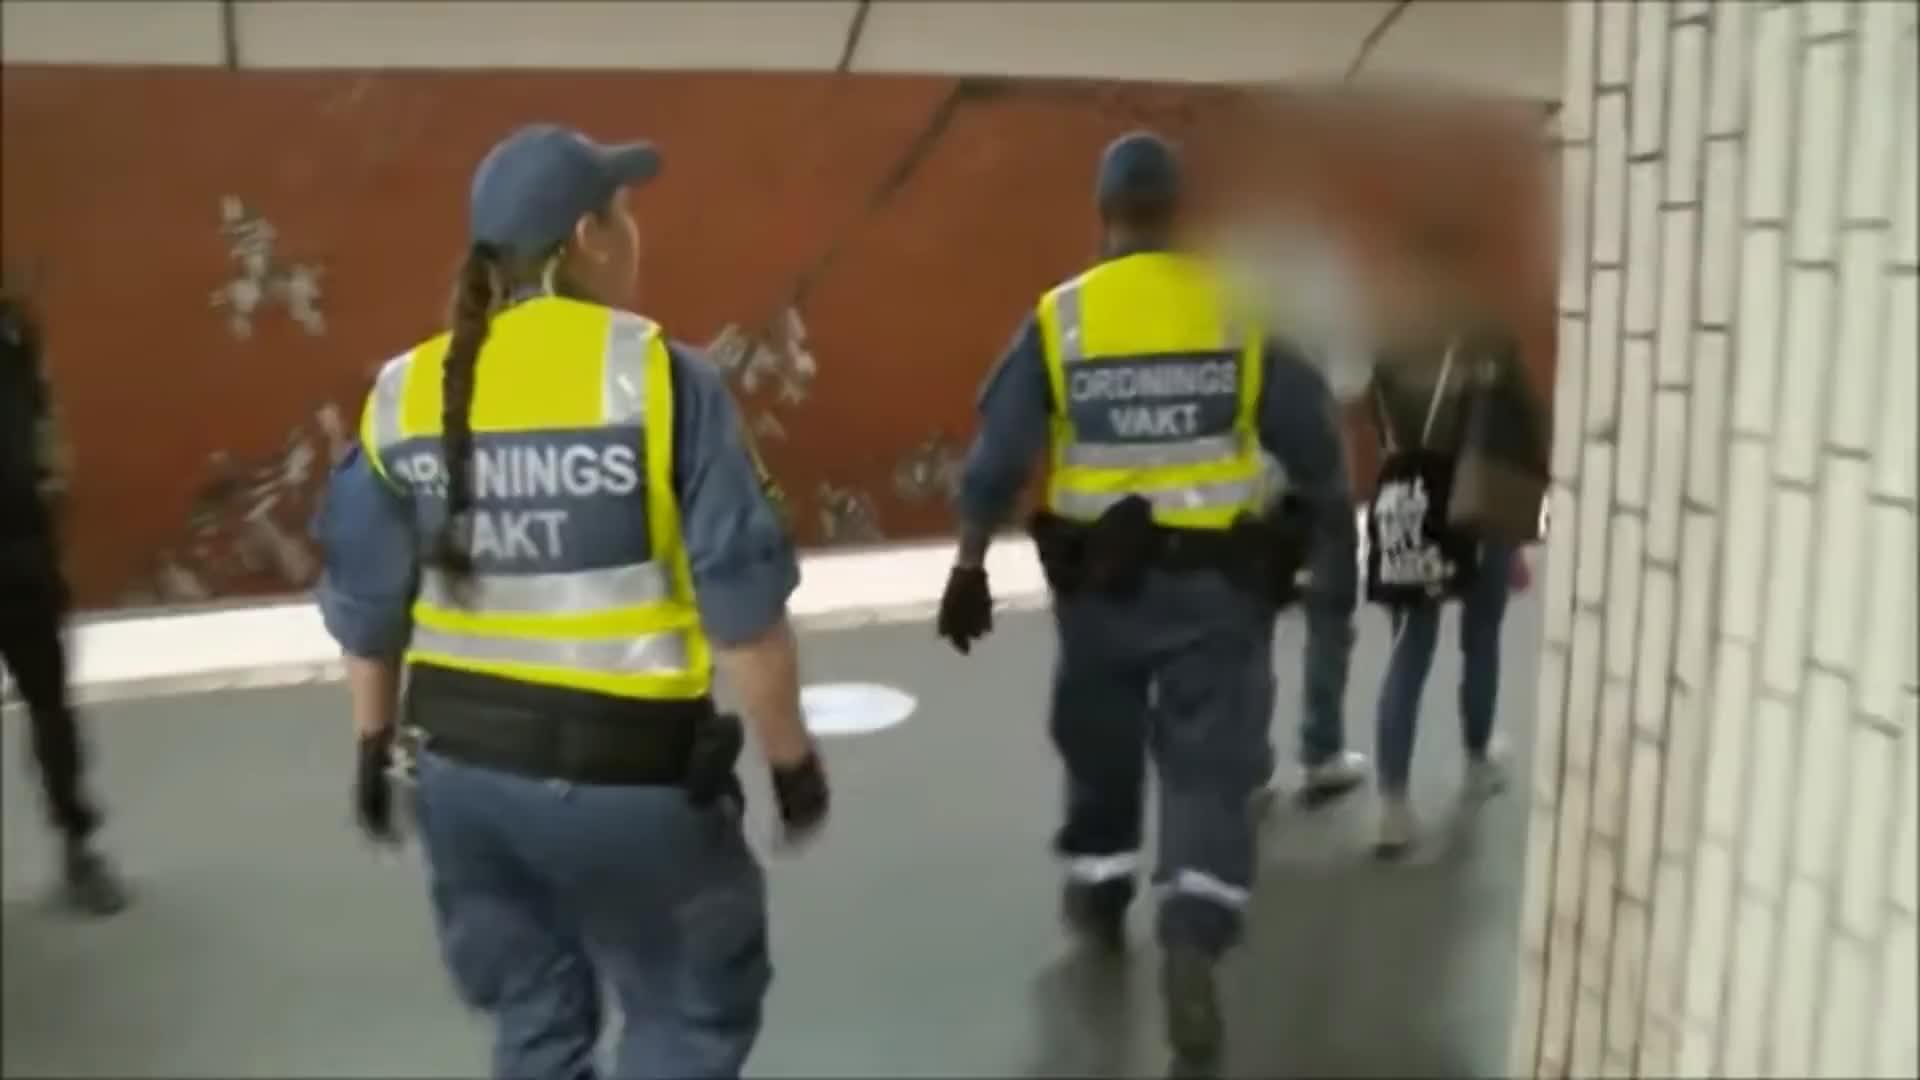 Imigranci atakują ochroniarzy.  Groźna sytuacja w metrze